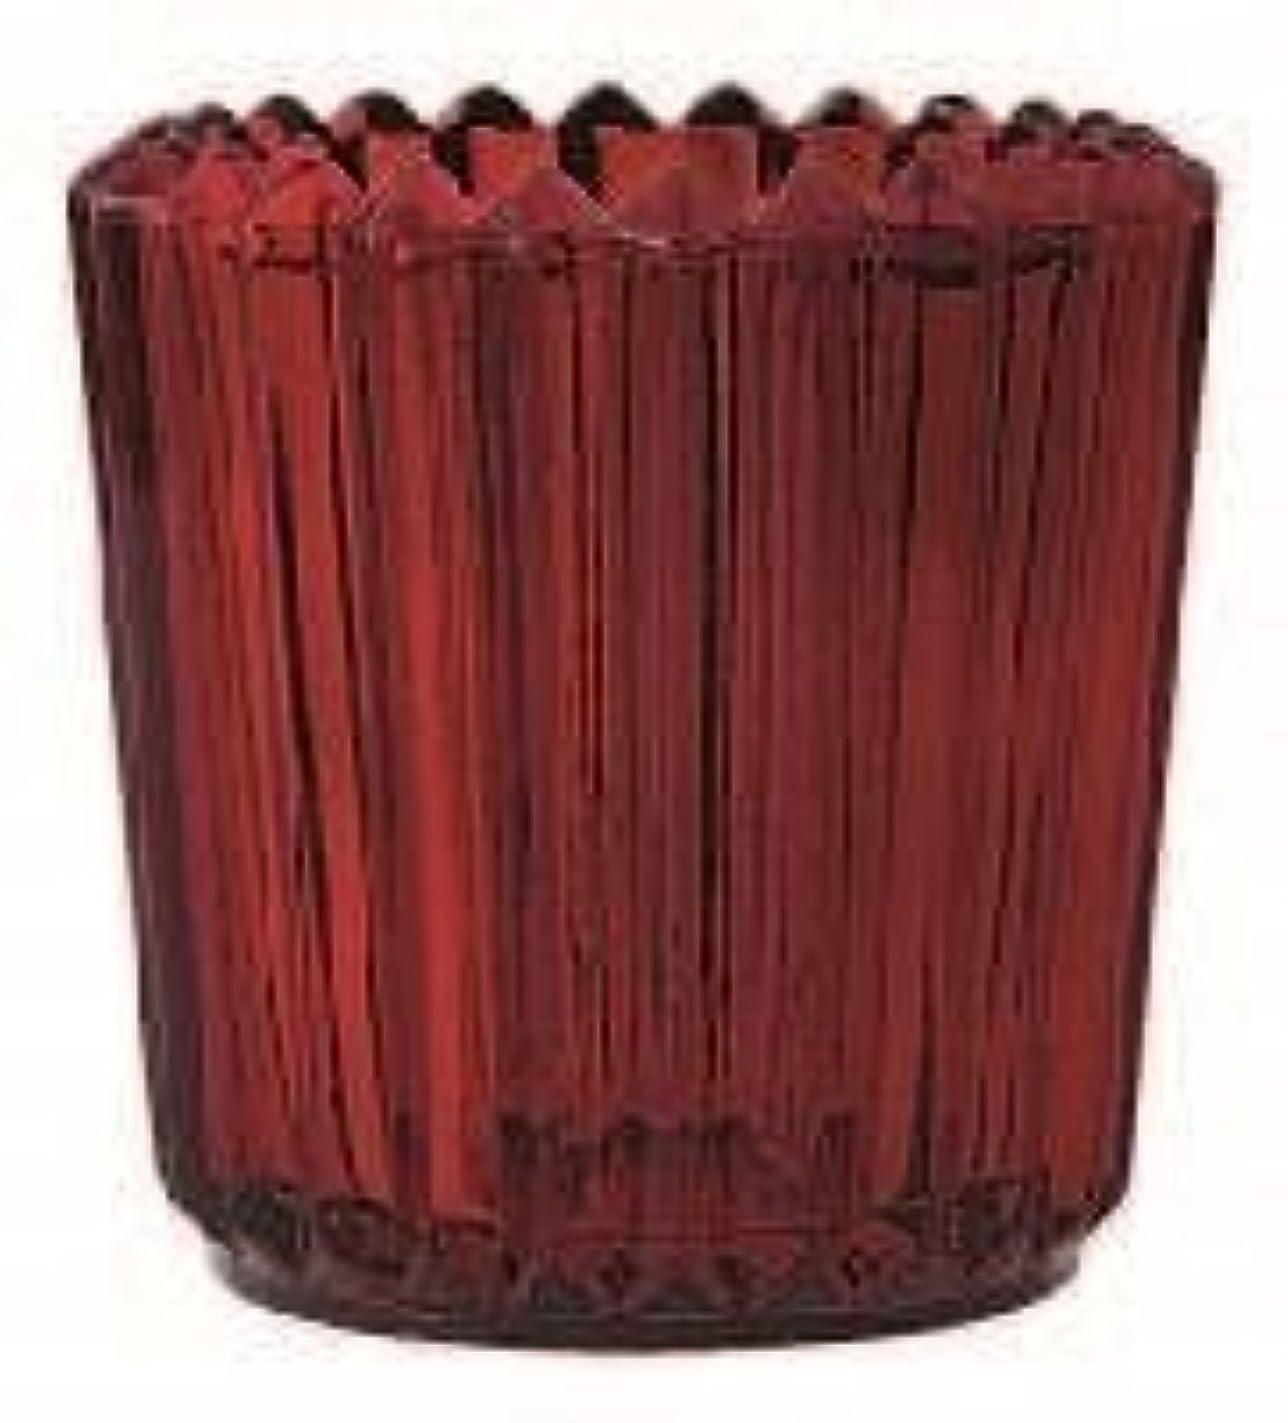 プレゼンター抱擁不均一kameyama candle(カメヤマキャンドル) ソレイユ 「 レッド 」(J5120000R)